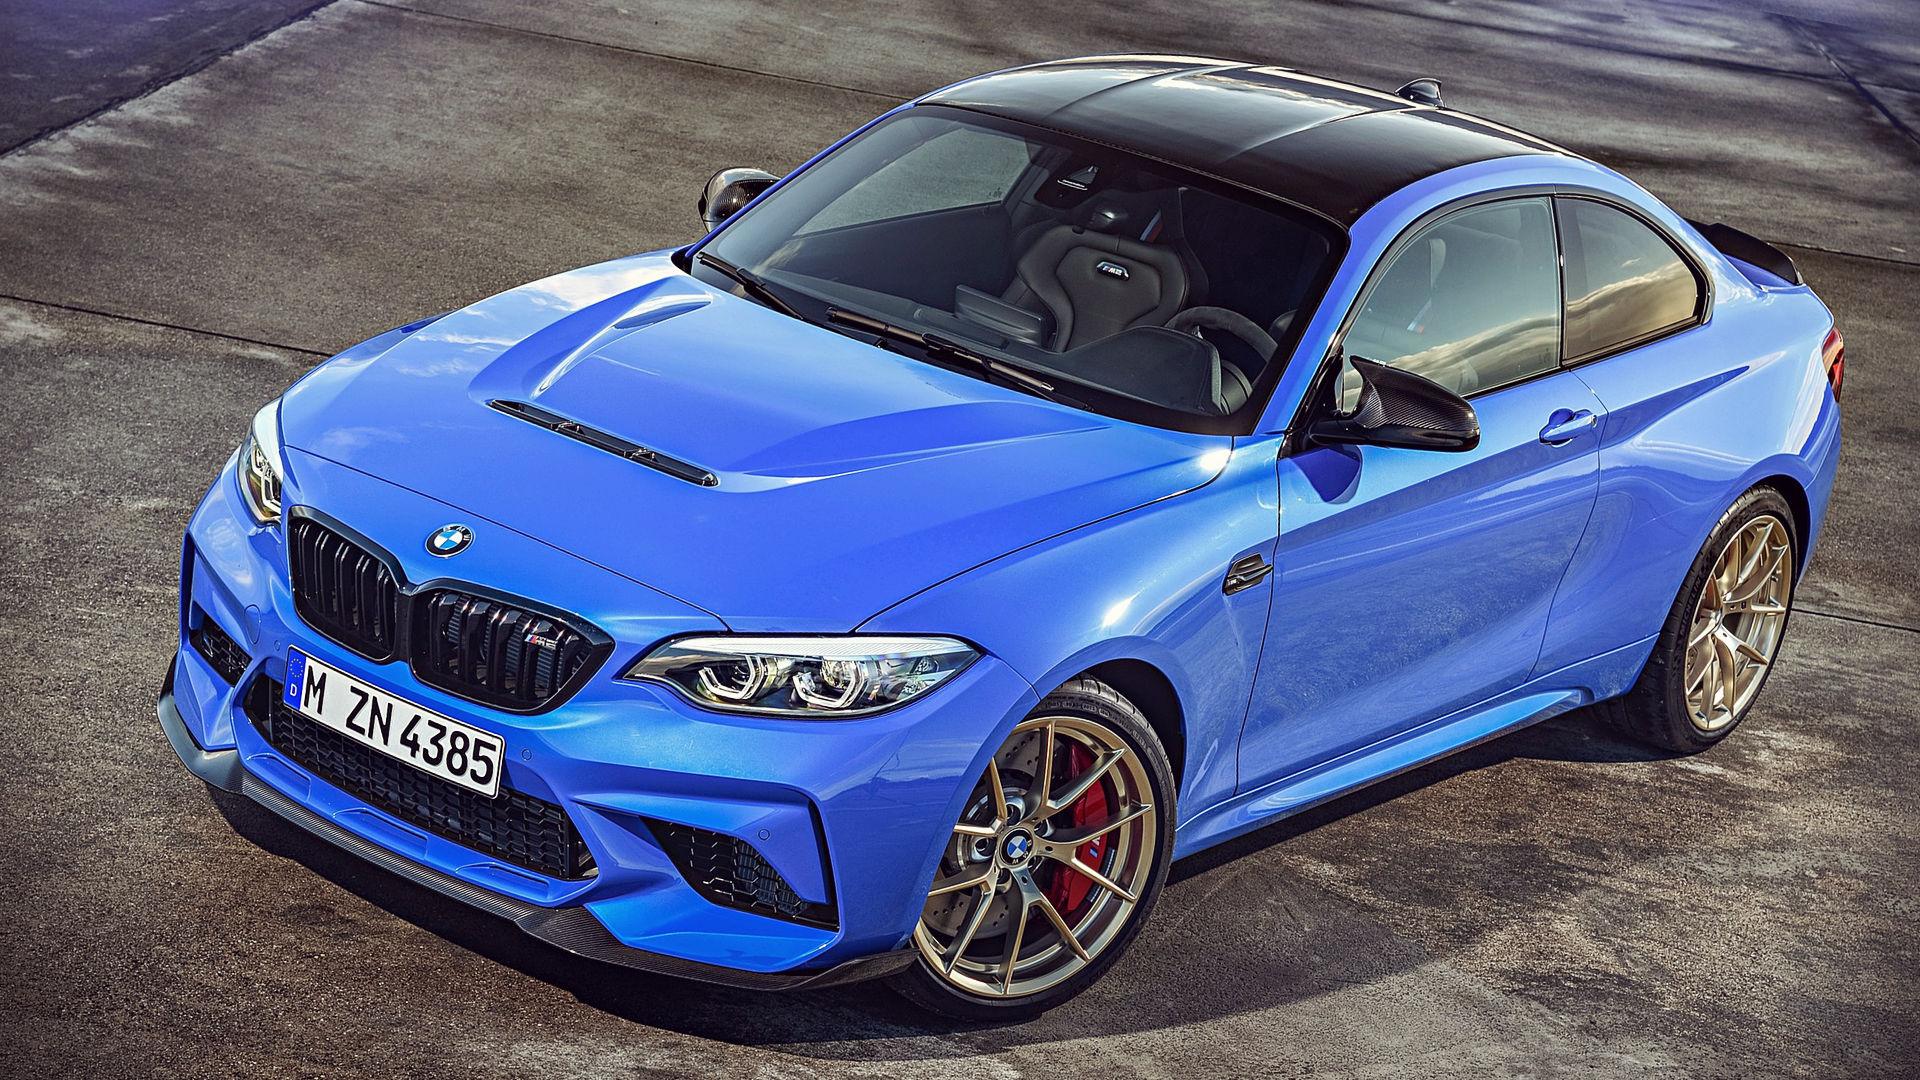 BMW M2 CS Coupe 2020